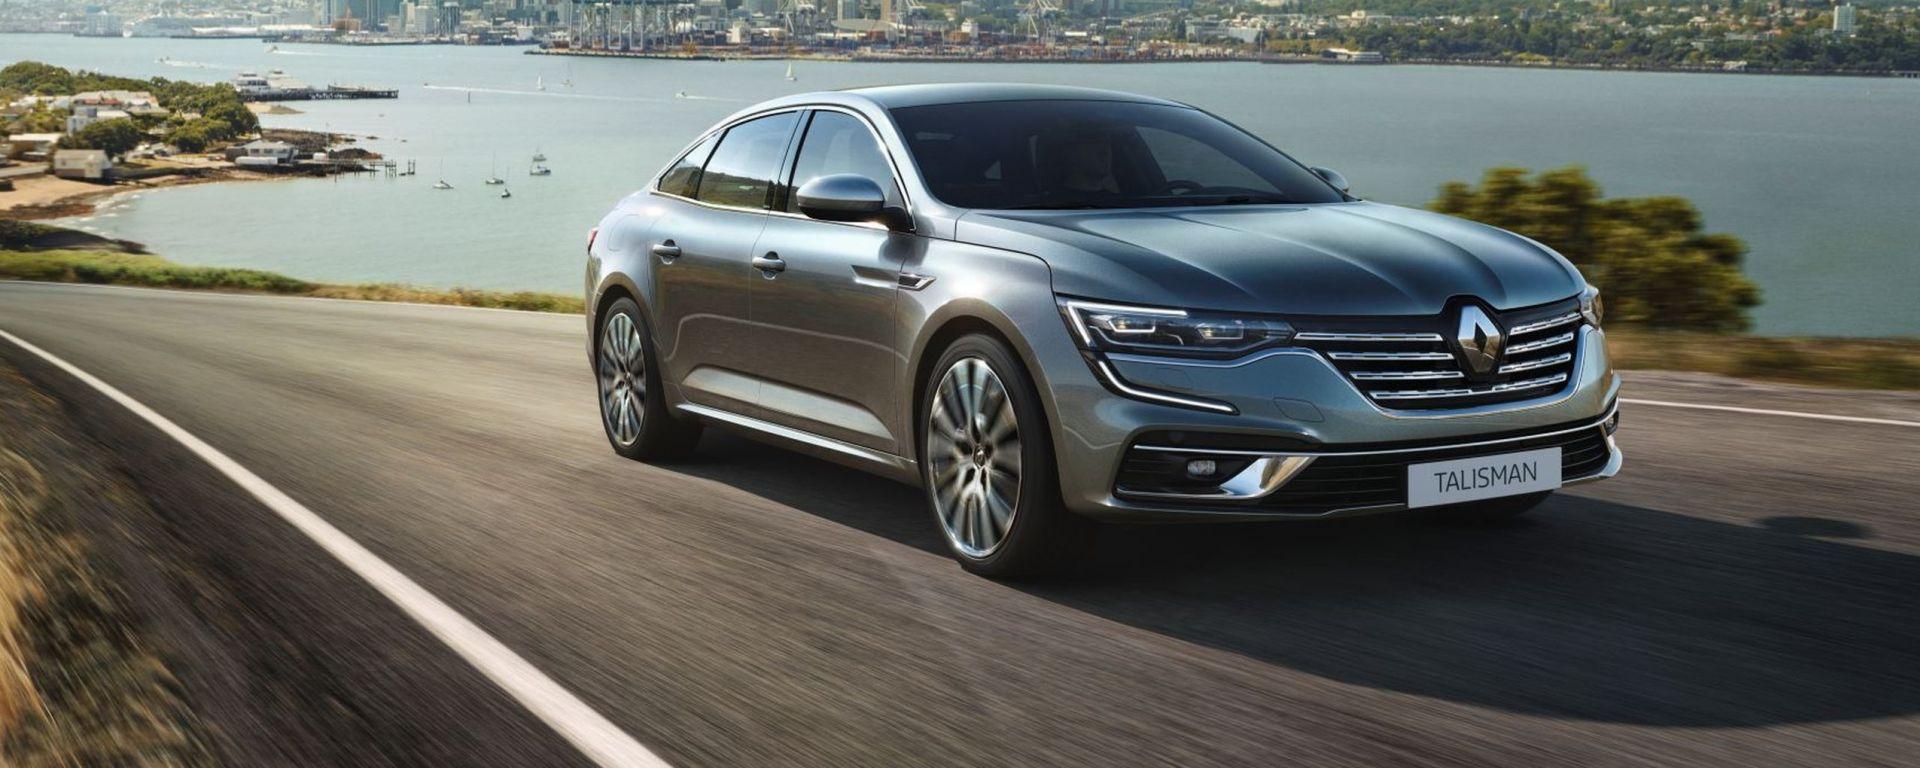 Nuova Renault Talisman 2020: il restyling